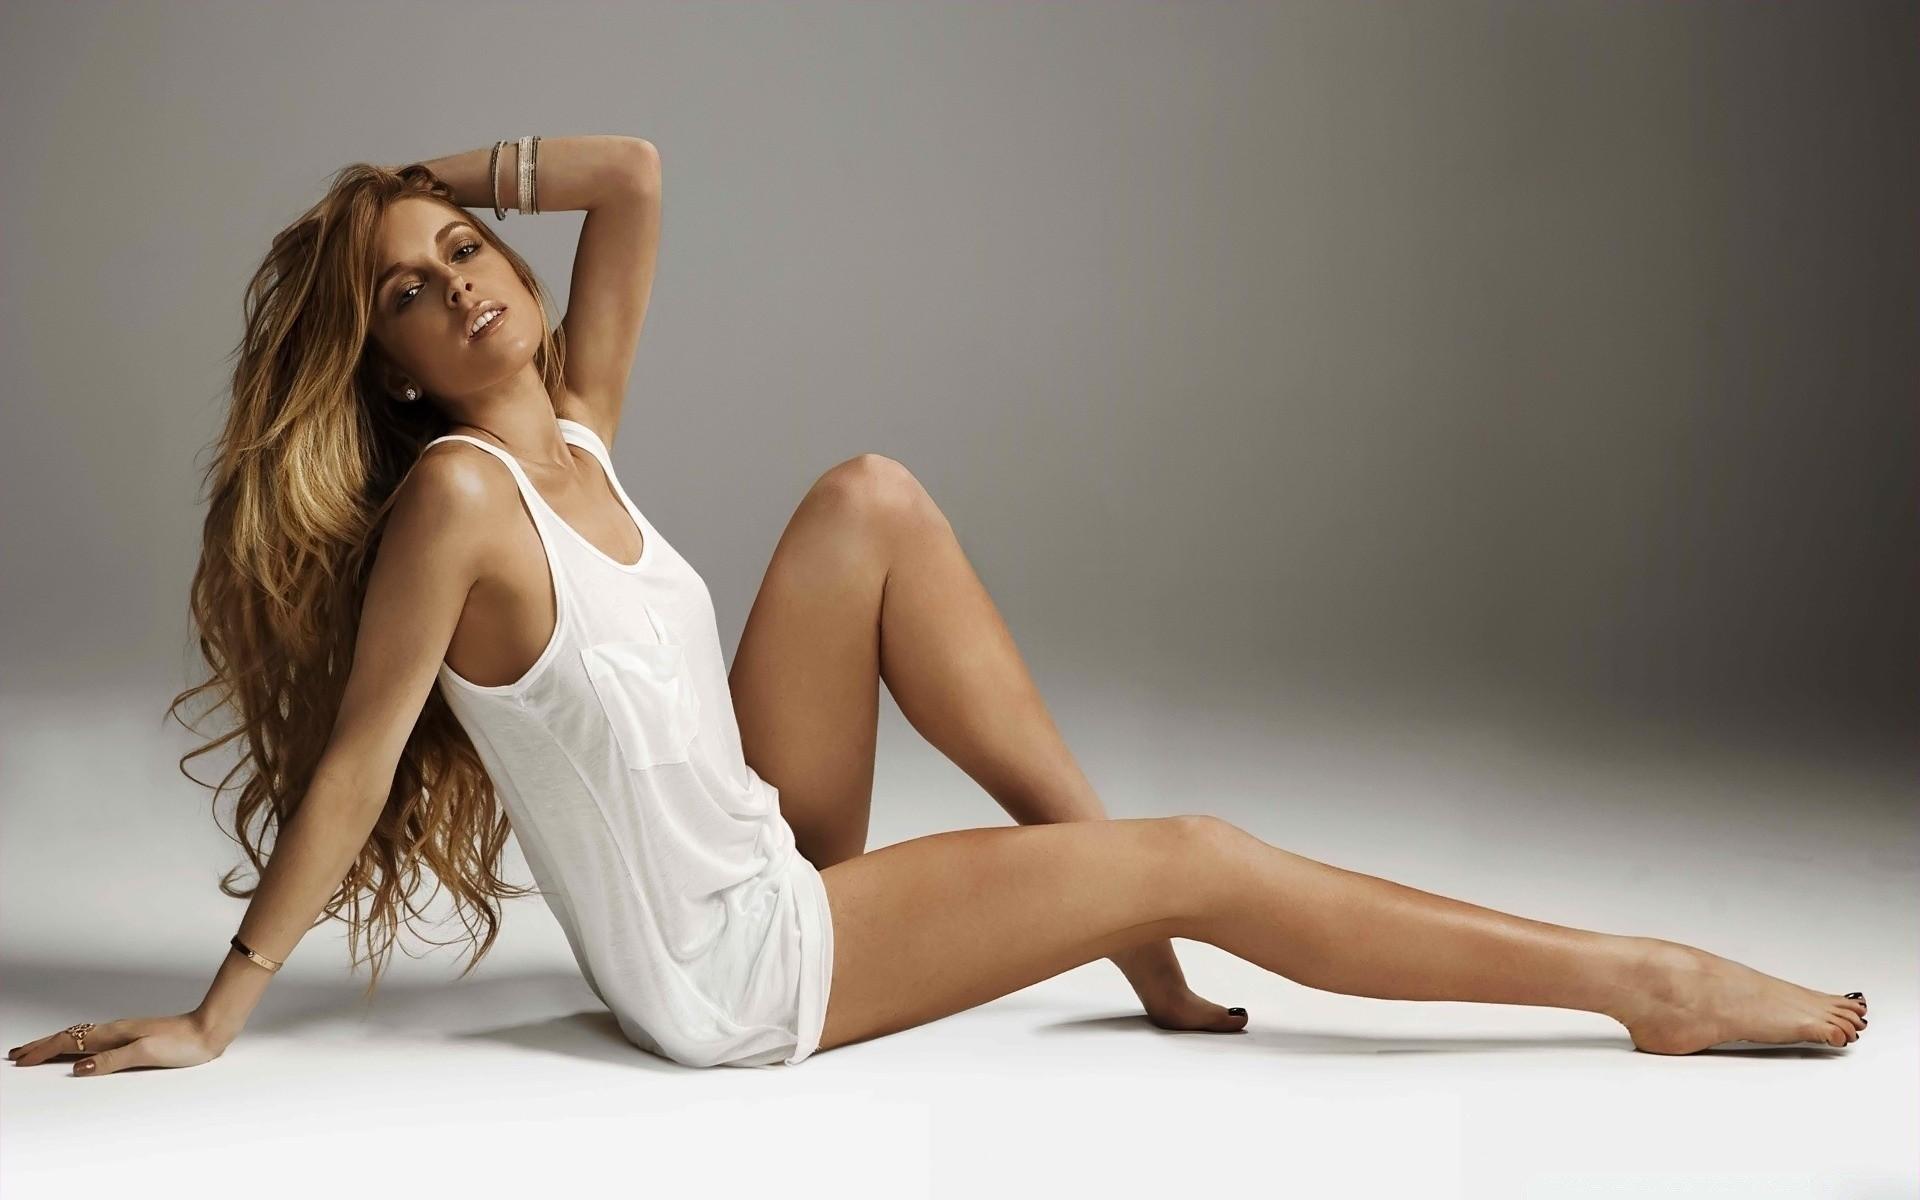 Самые красивые женские ноги фото, ебут бийск фото